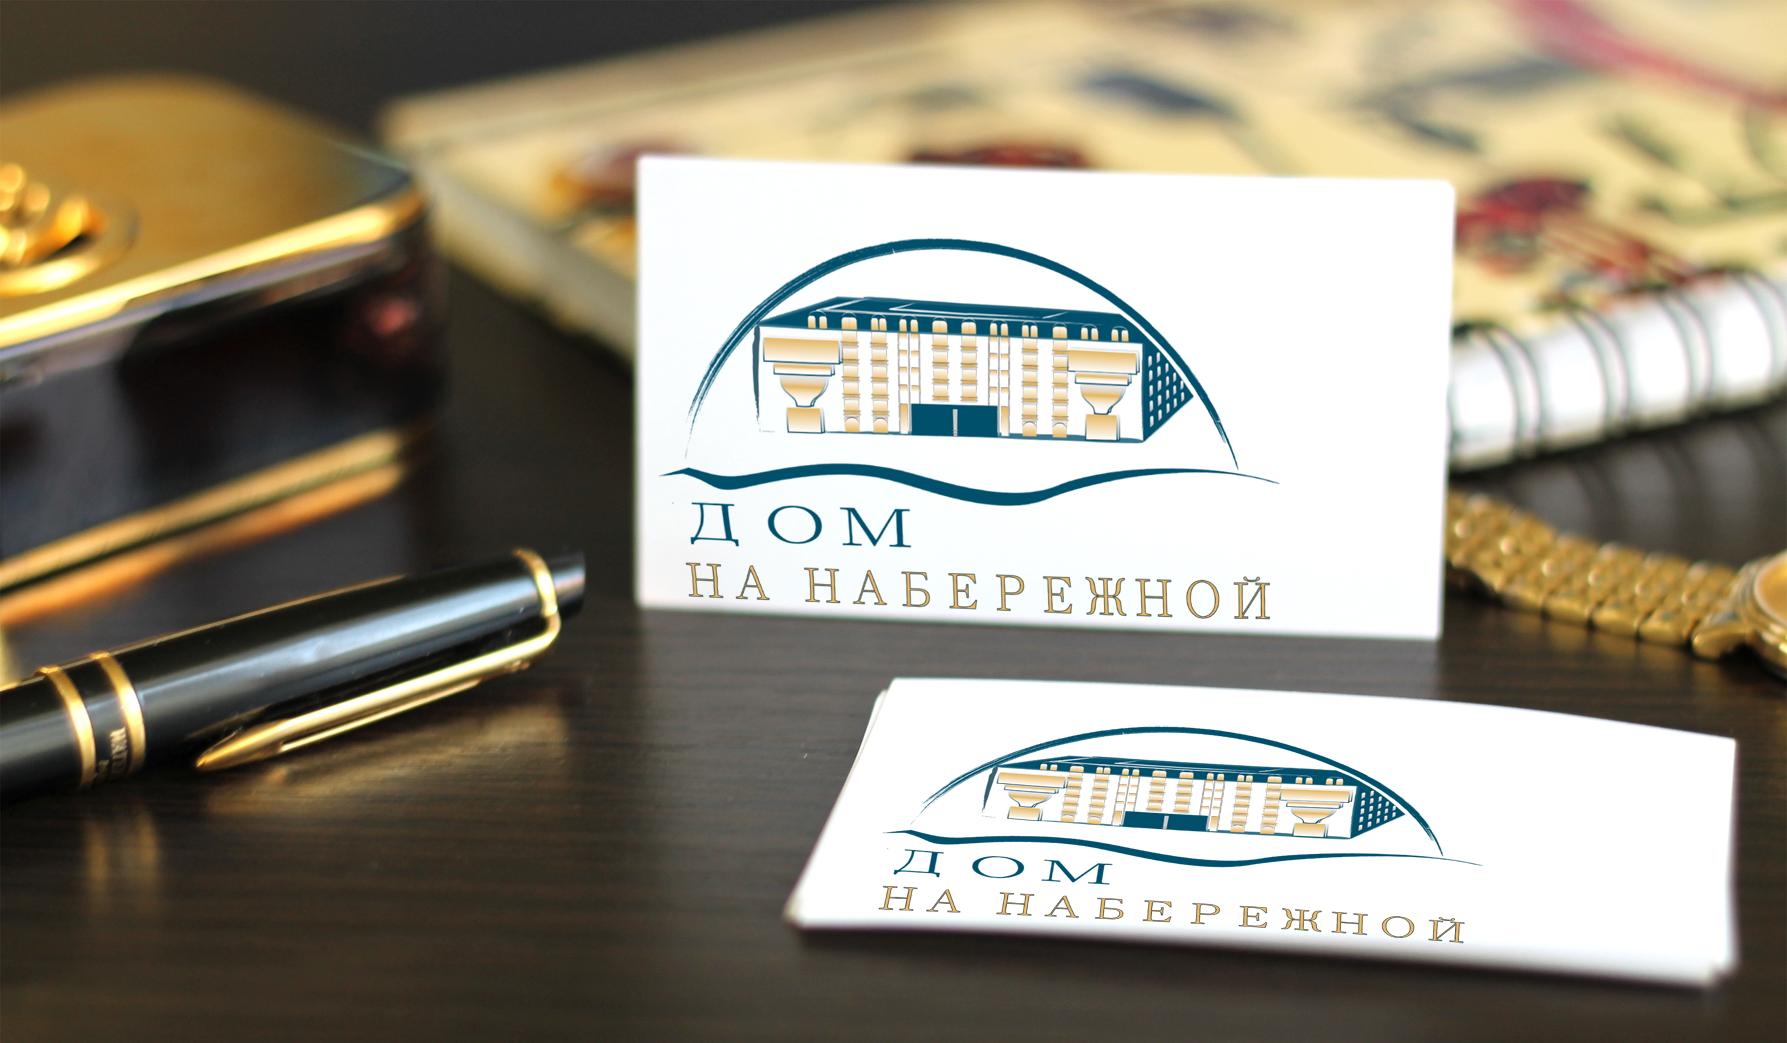 РАЗРАБОТКА логотипа для ЖИЛОГО КОМПЛЕКСА премиум В АНАПЕ.  фото f_0355dee40fd1b732.png